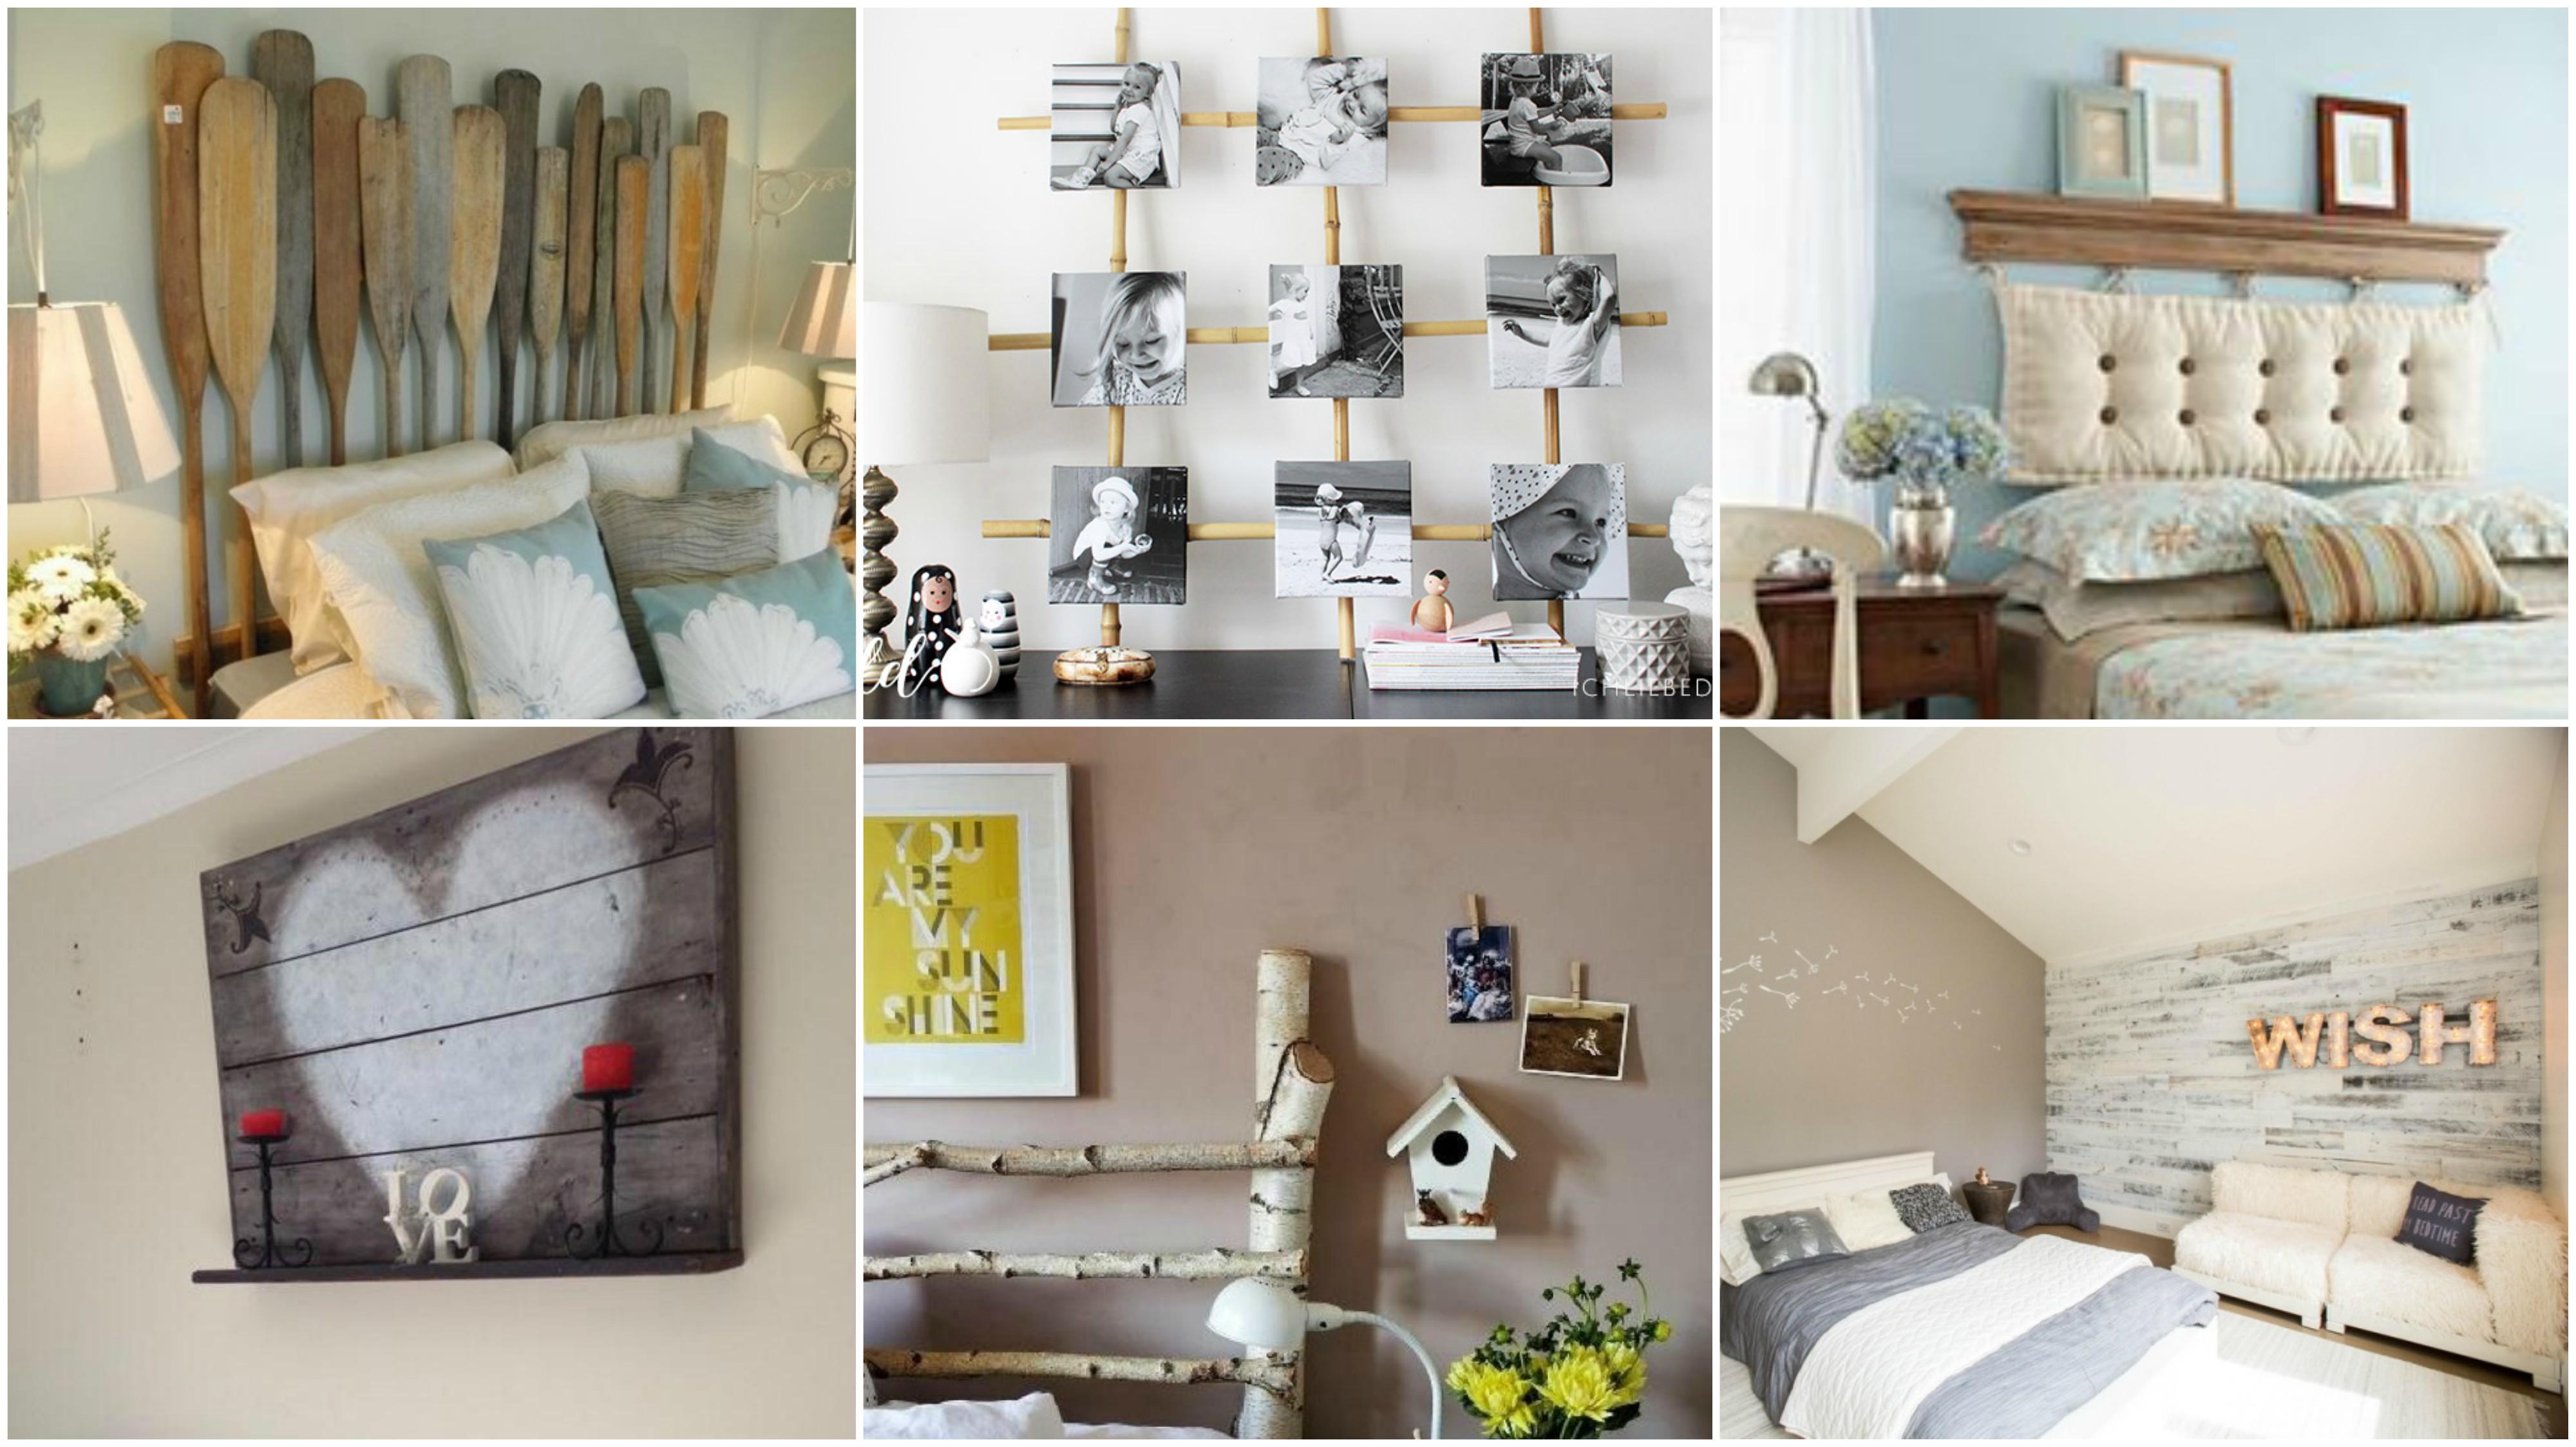 schlafzimmer deko 15 super einfache ideen zum nachmachen. Black Bedroom Furniture Sets. Home Design Ideas